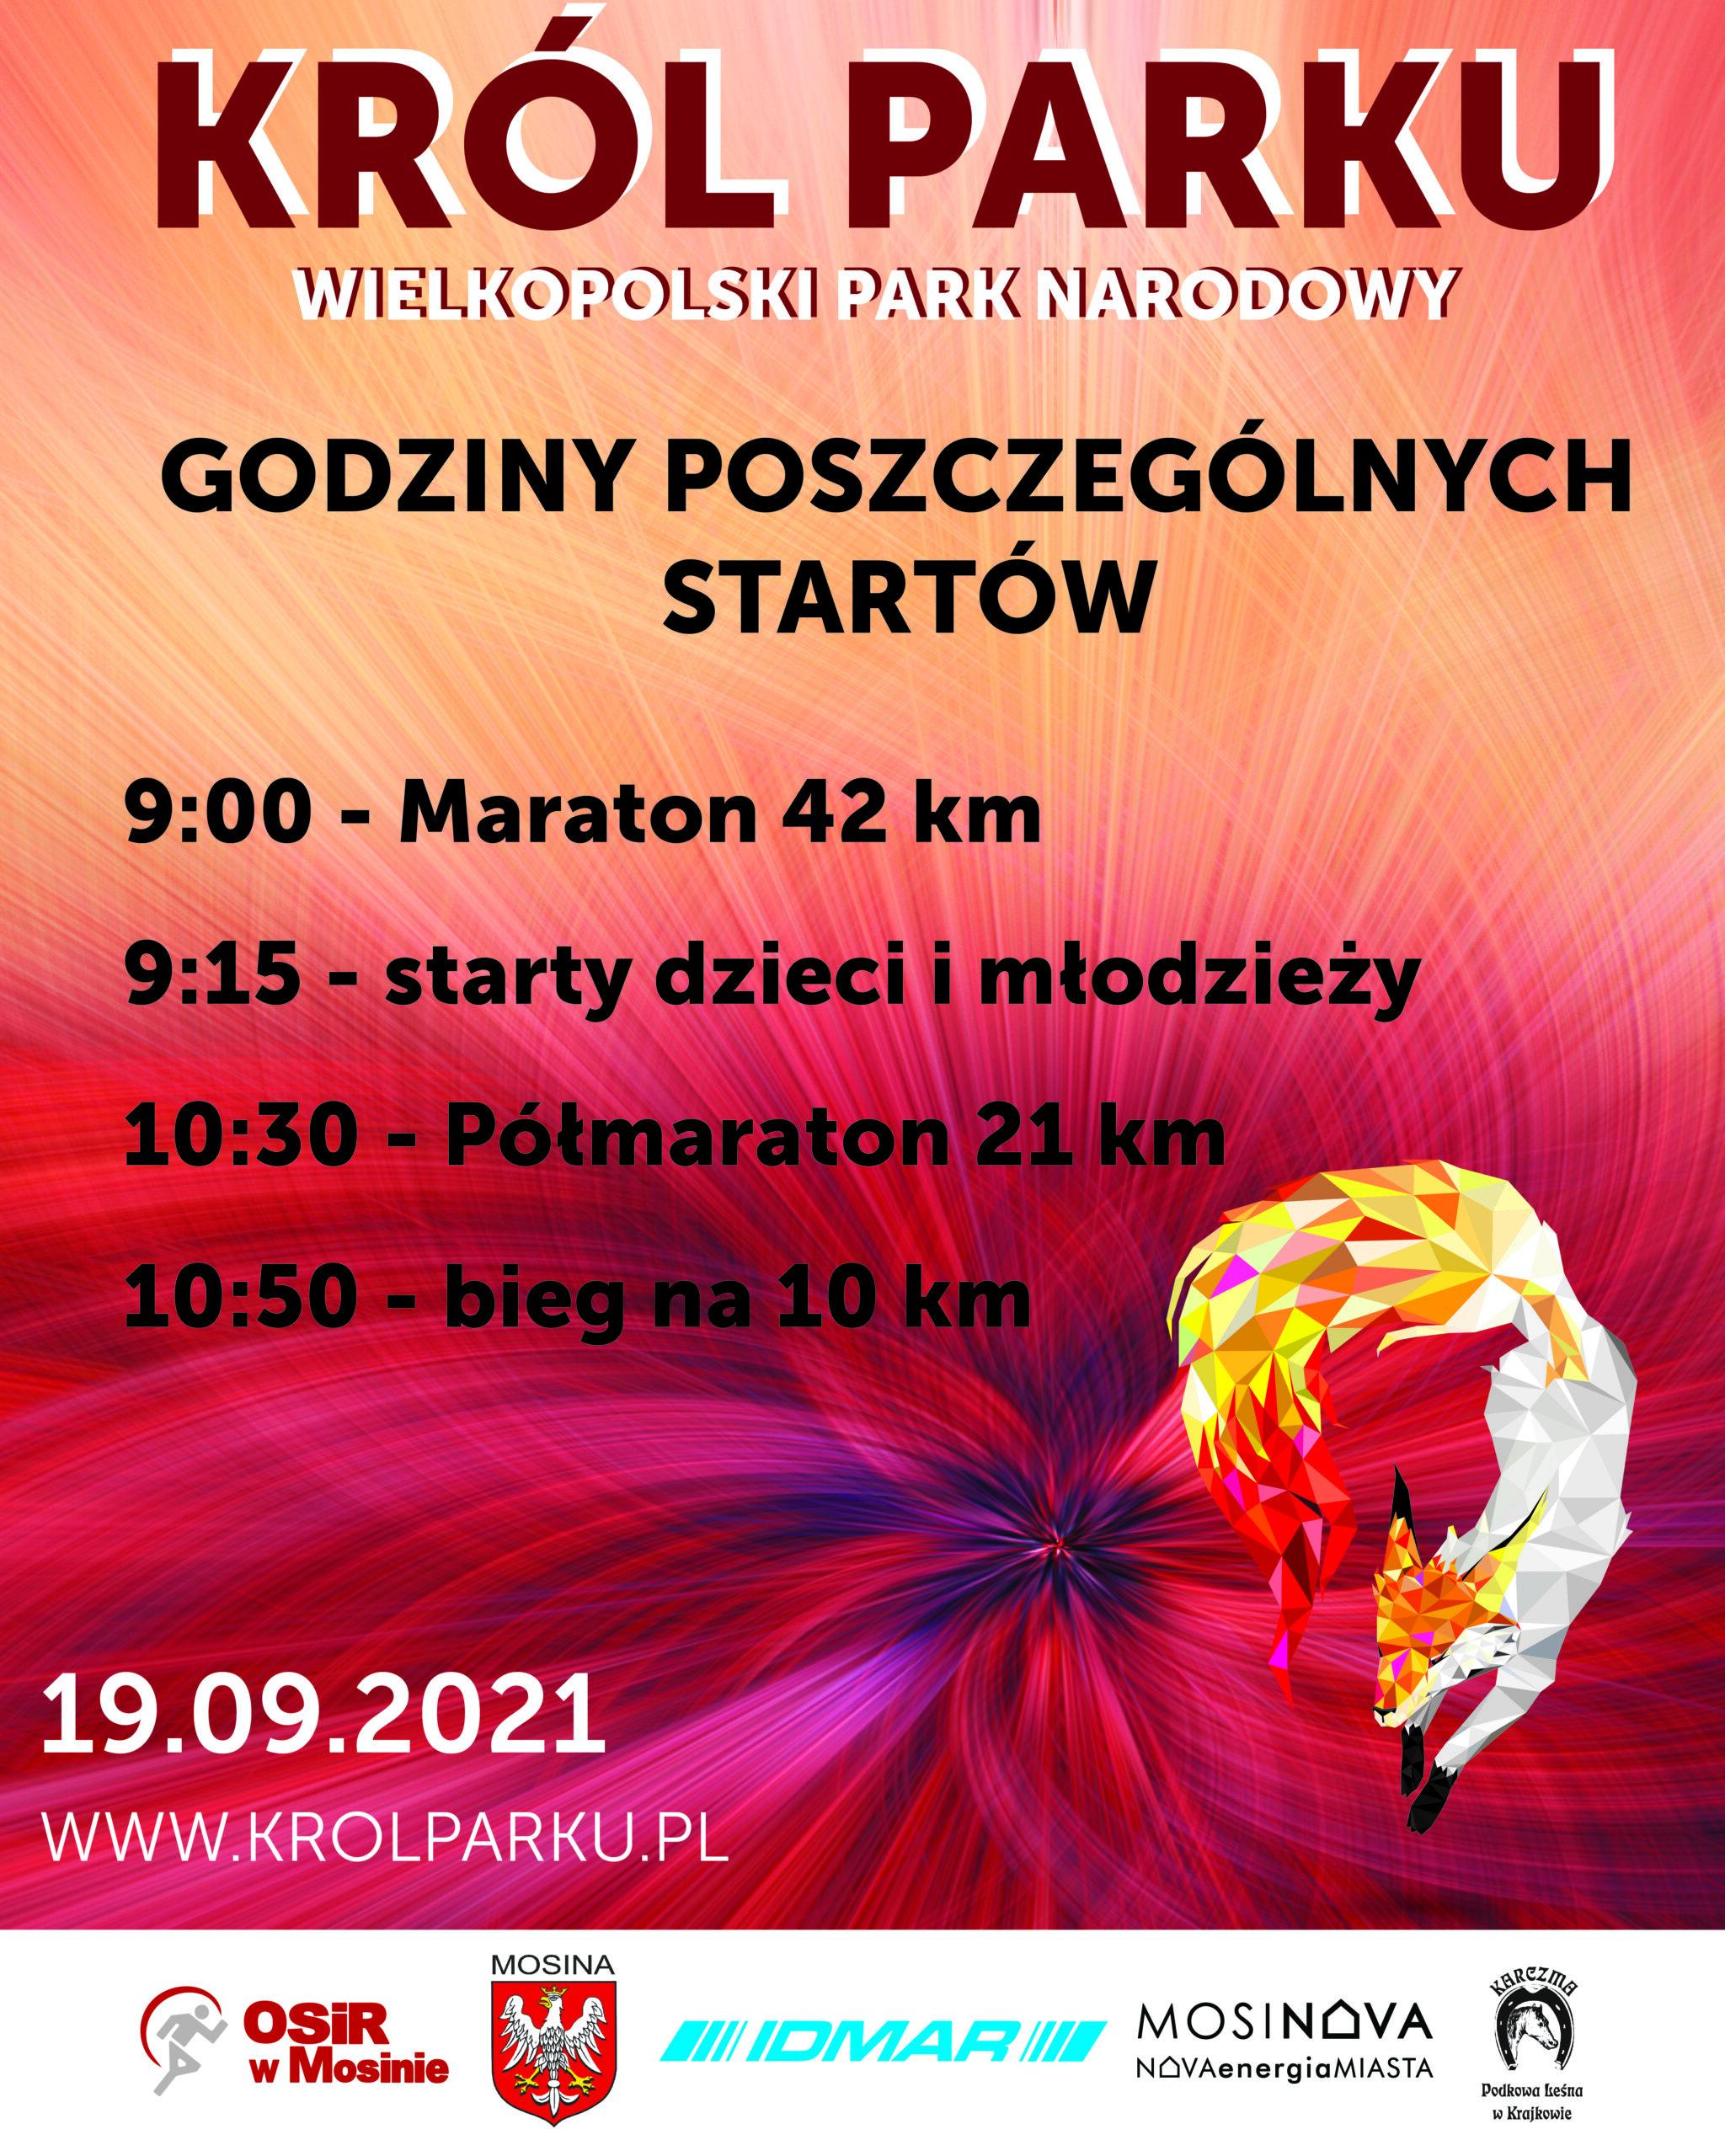 godziny poszczególnych startów na bieg Król Parku w dniu 19 wrzesnia 2021 roku